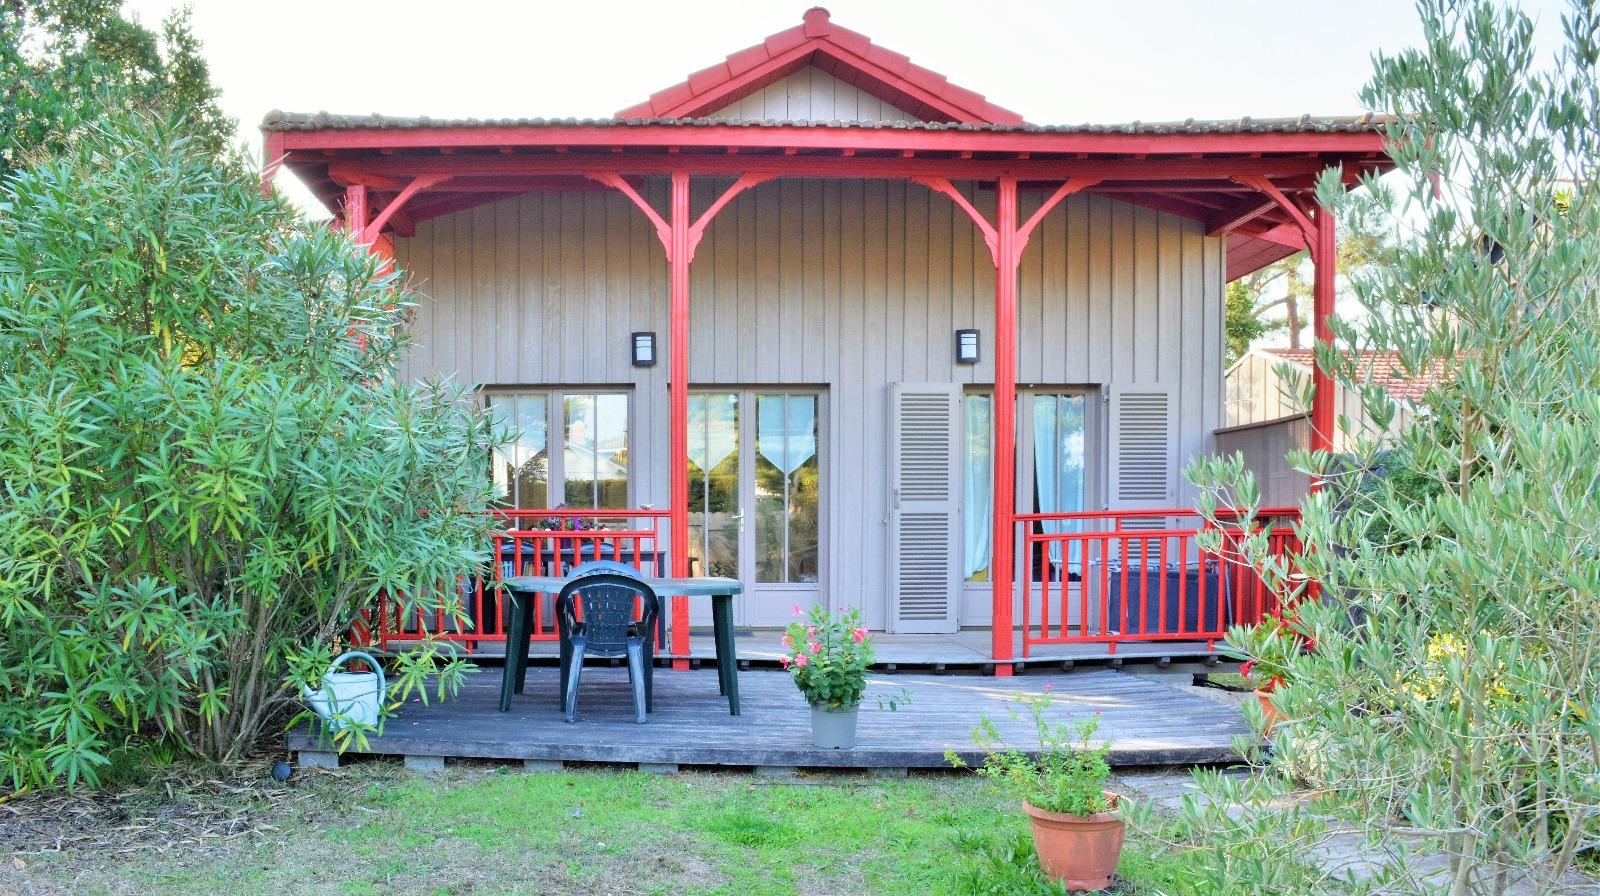 Location, Cap Ferret, Mimbeau, Villa Les Liserons